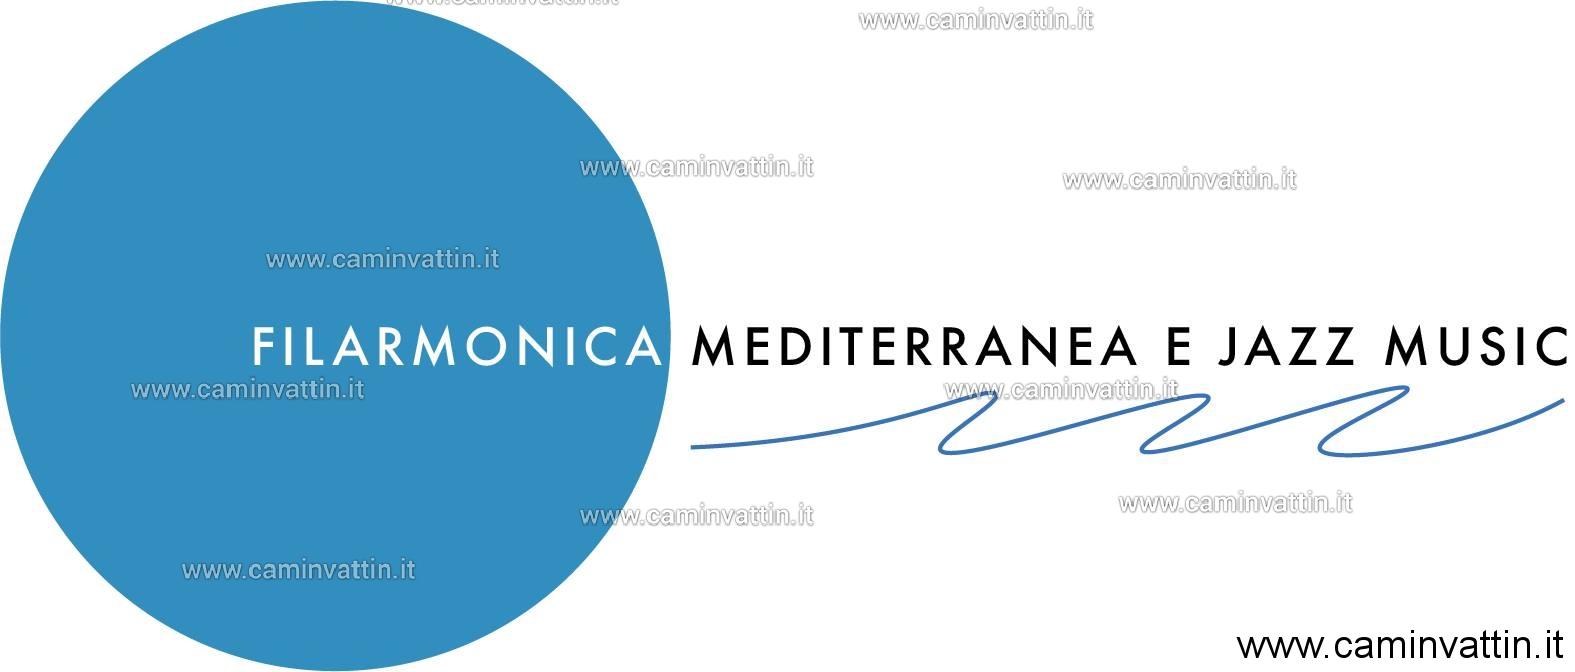 filarmonica mediterranea in ateneo